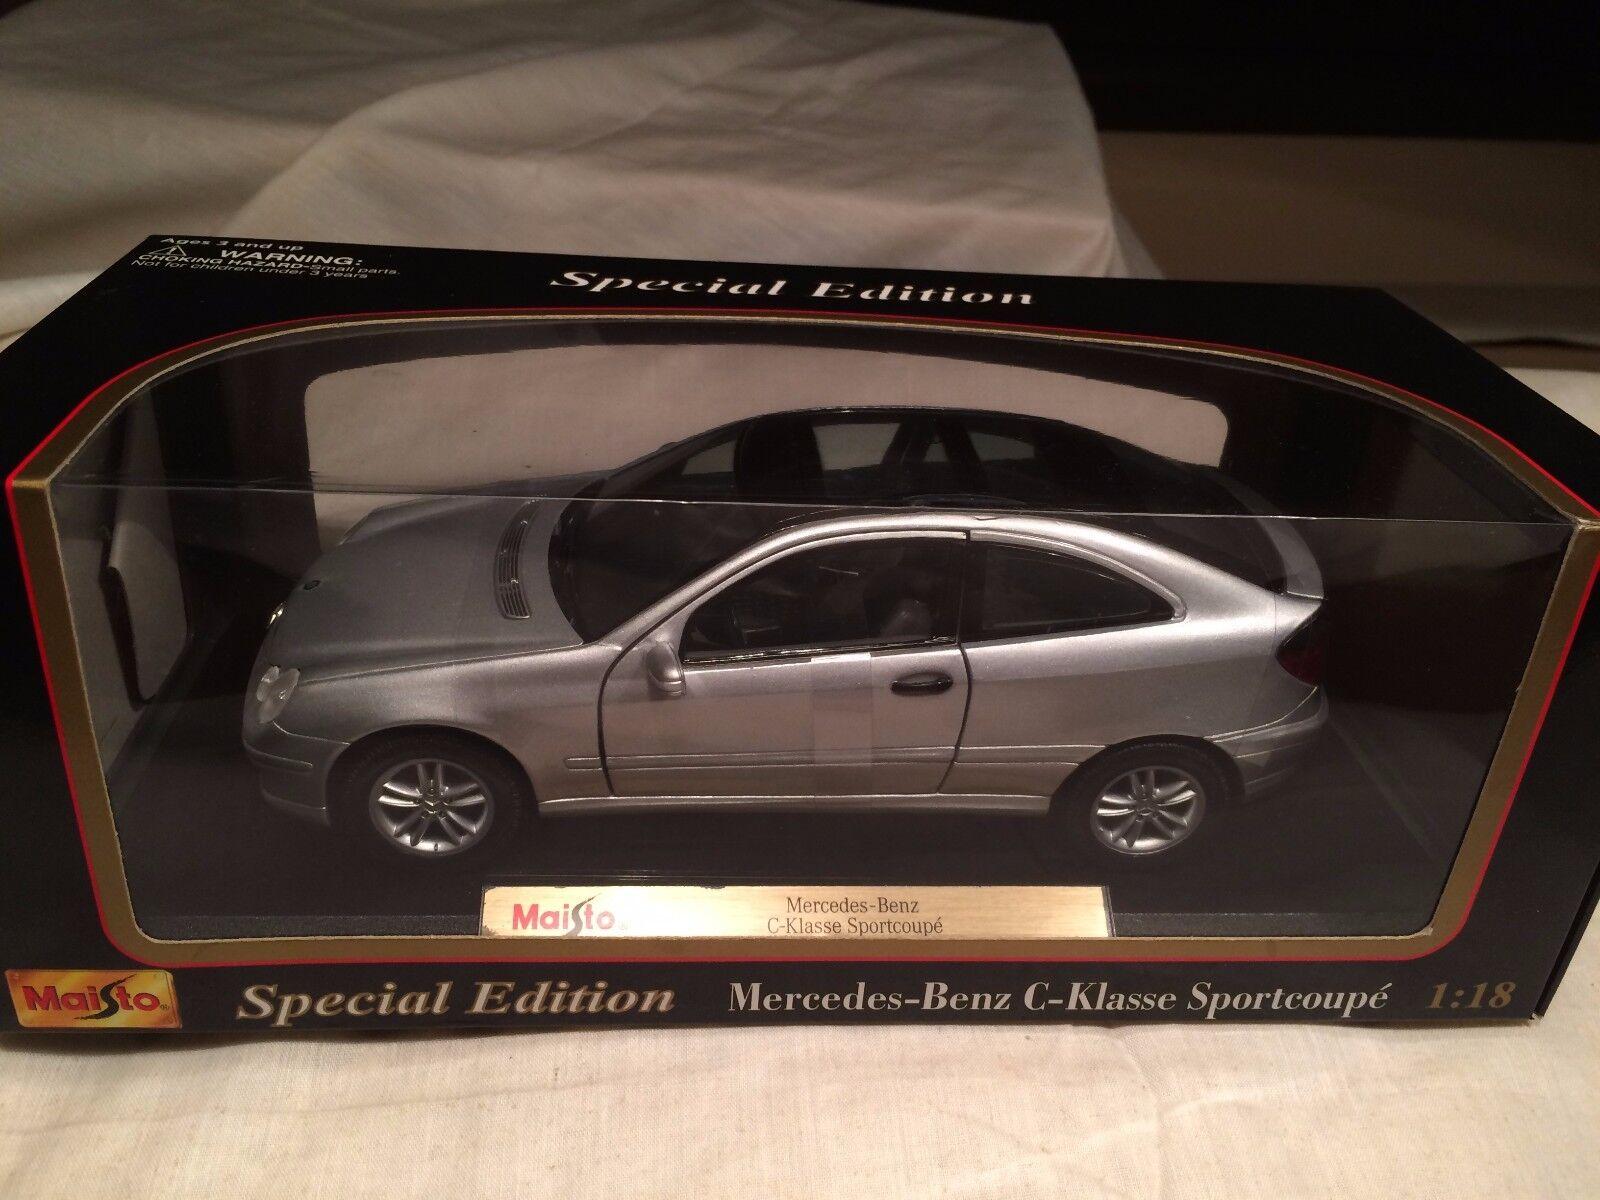 Mercedes Benz C Klasse Sportcoupé Maisto Special Edition 31614 1/18 scale